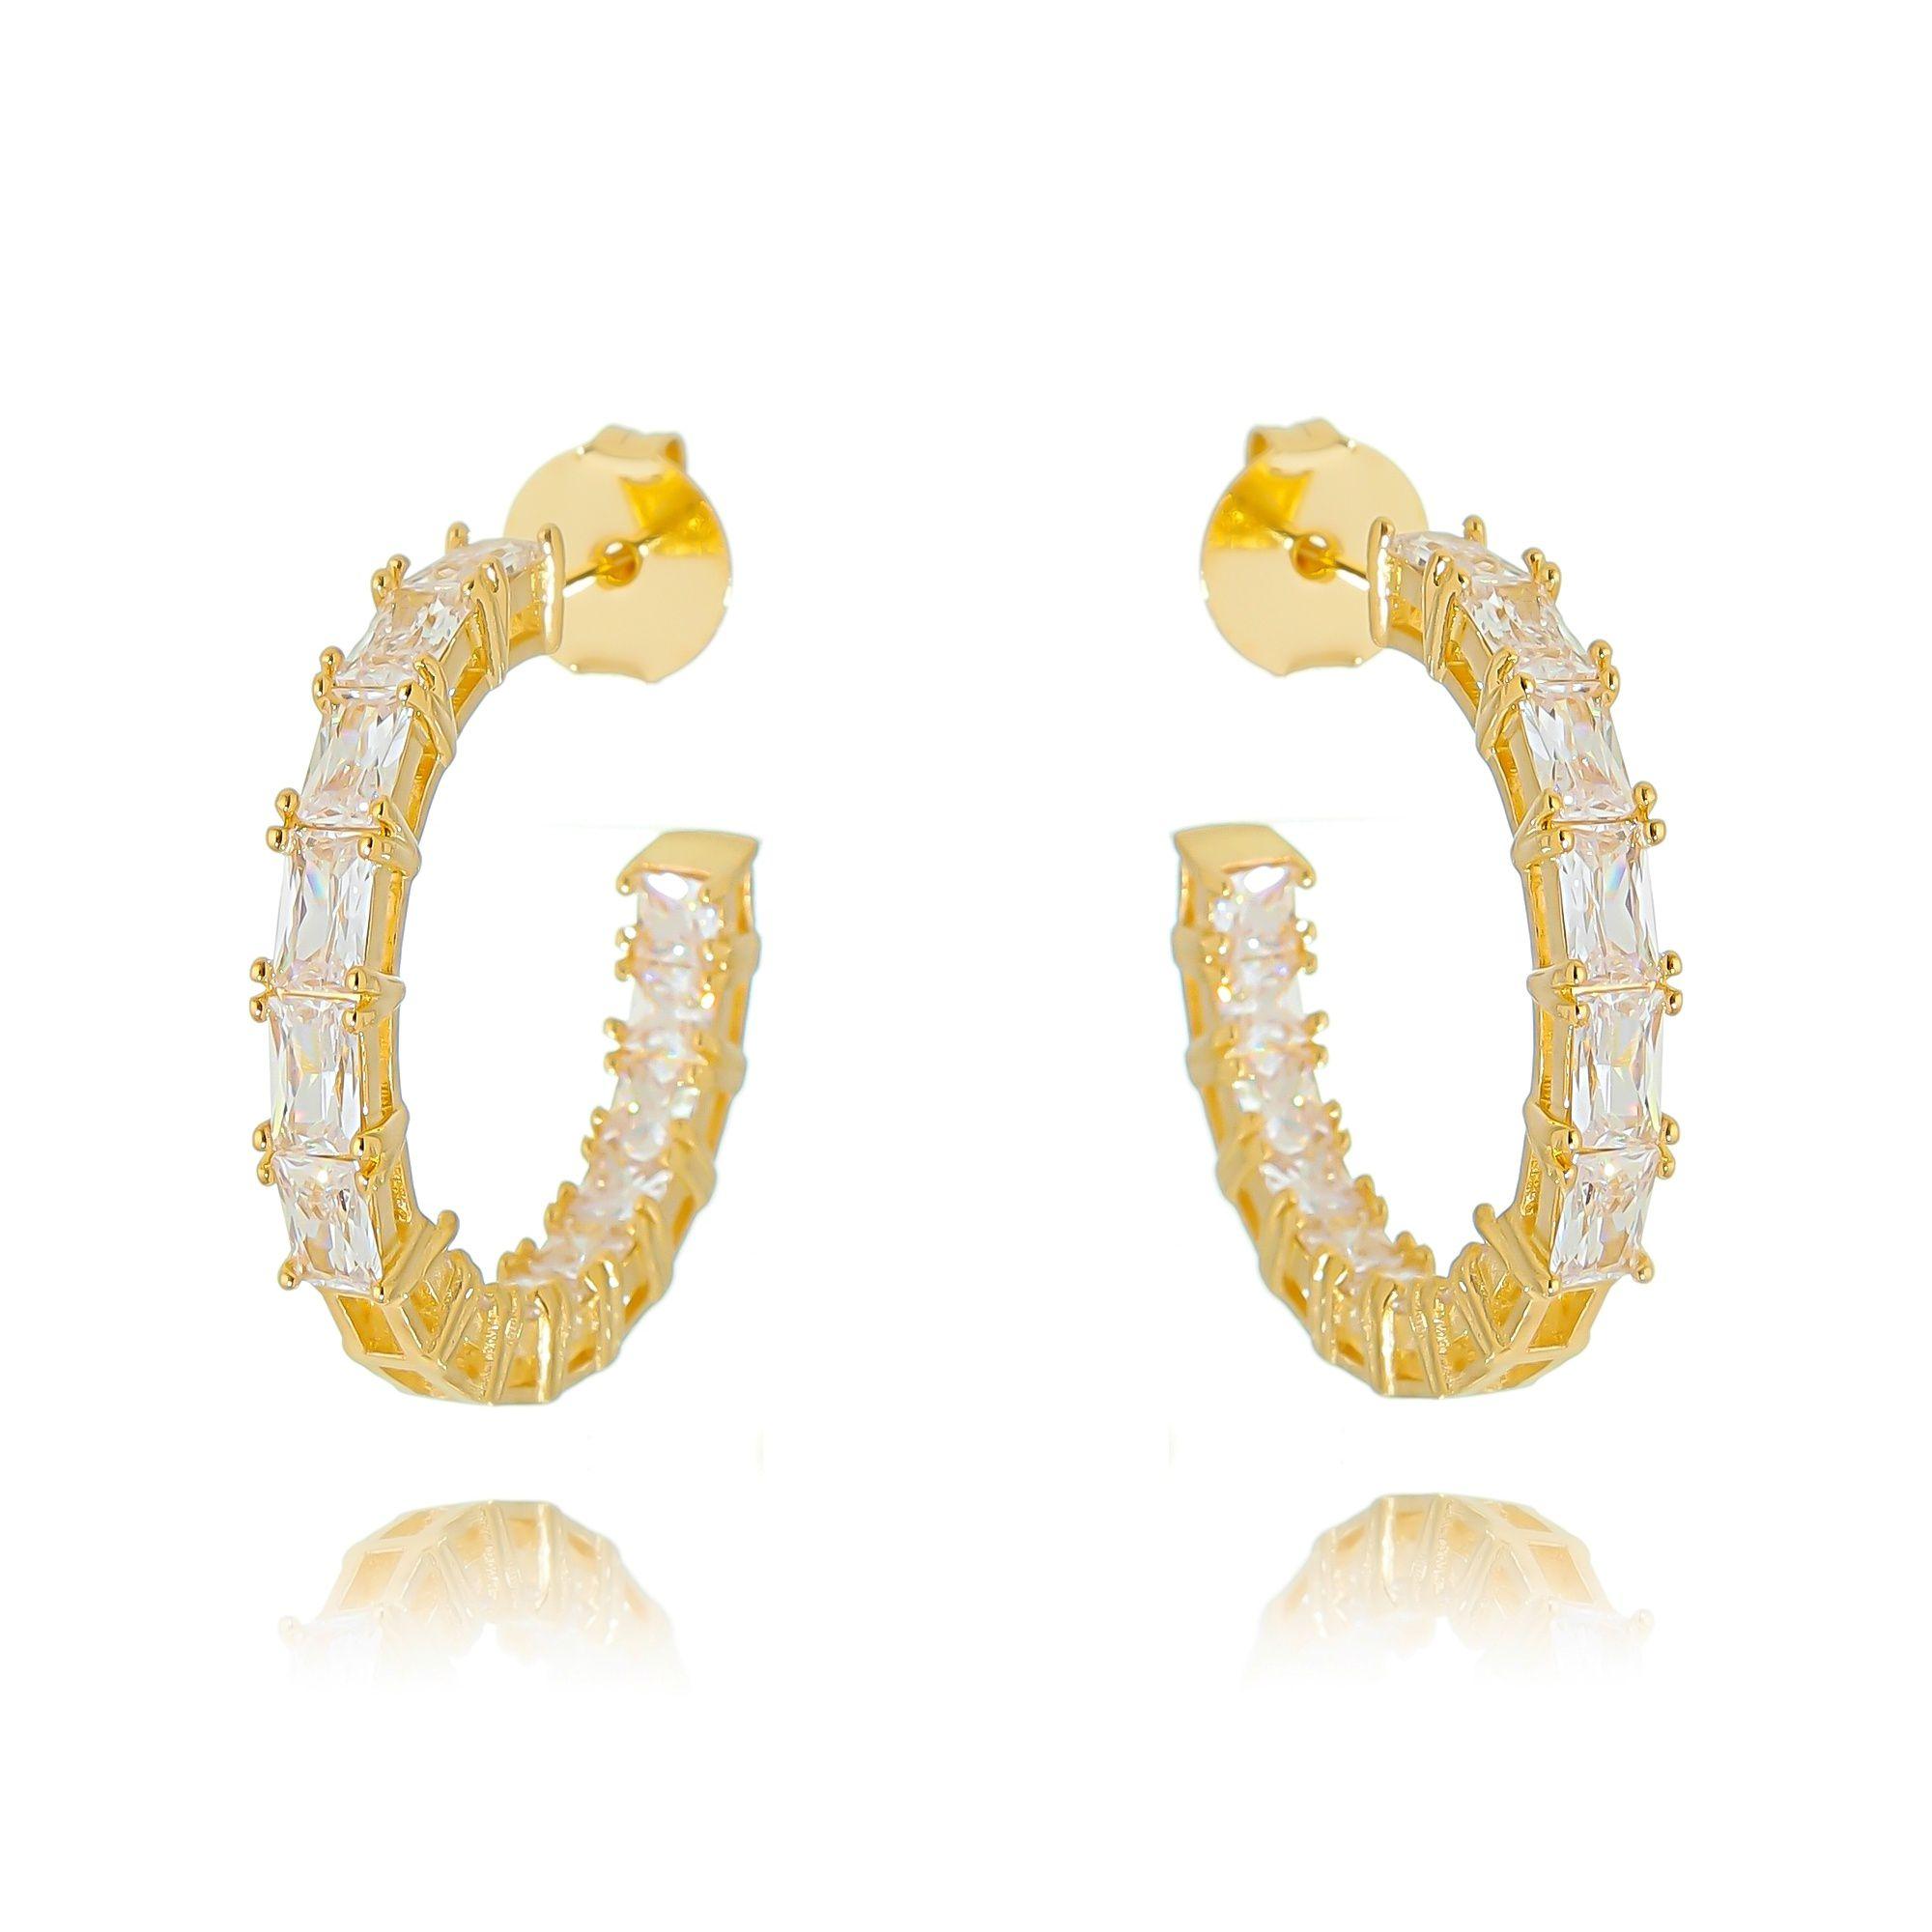 Brinco Argola da Moda Zircônia Cristal Semijoia Ouro  - Soloyou